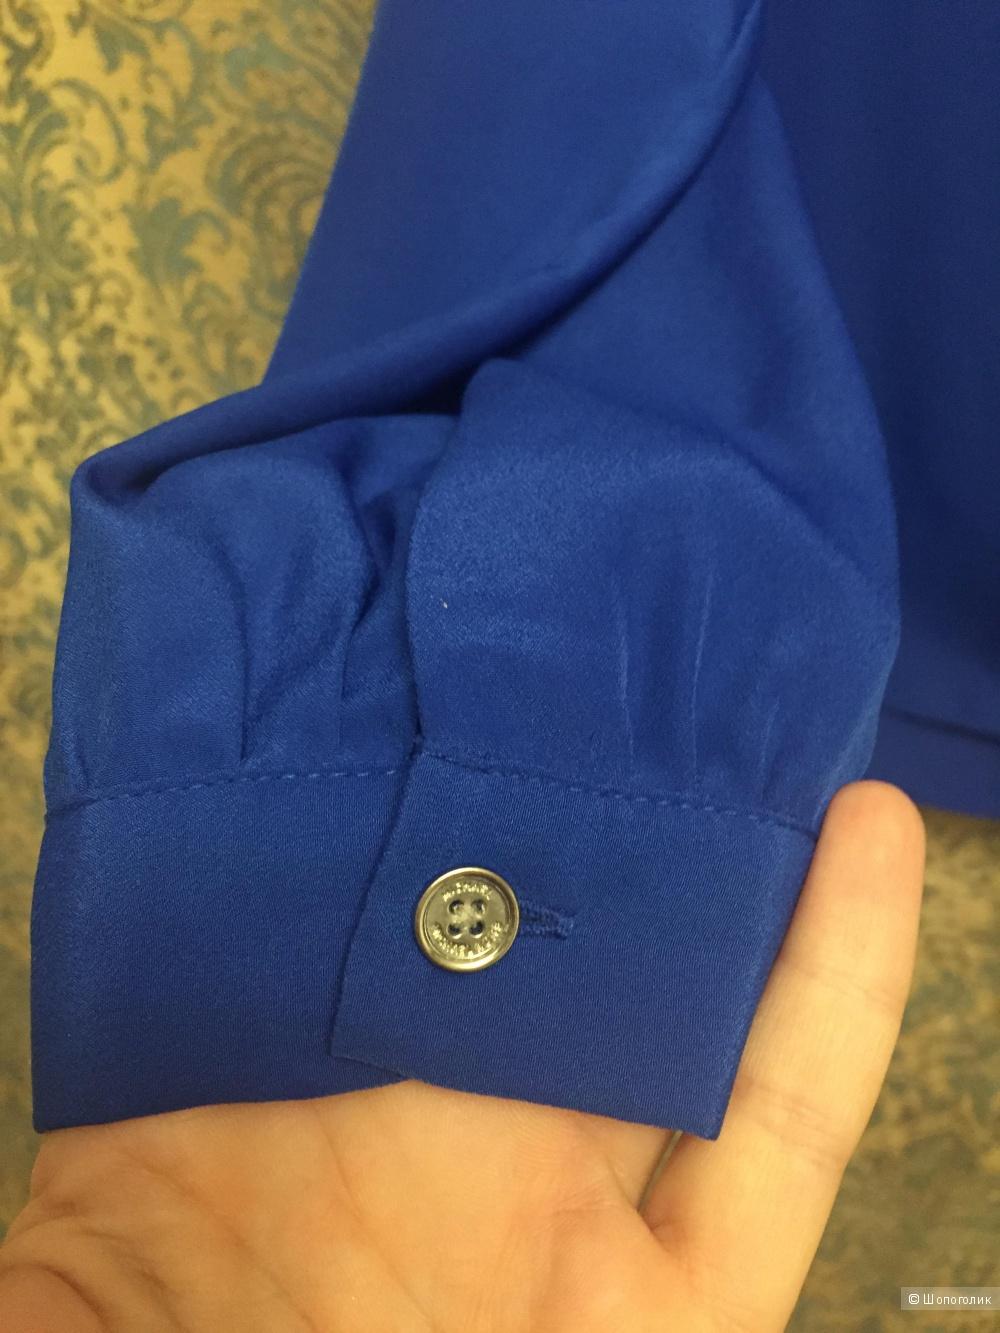 Блузка Michael Kors. Оригинал. Размер S.